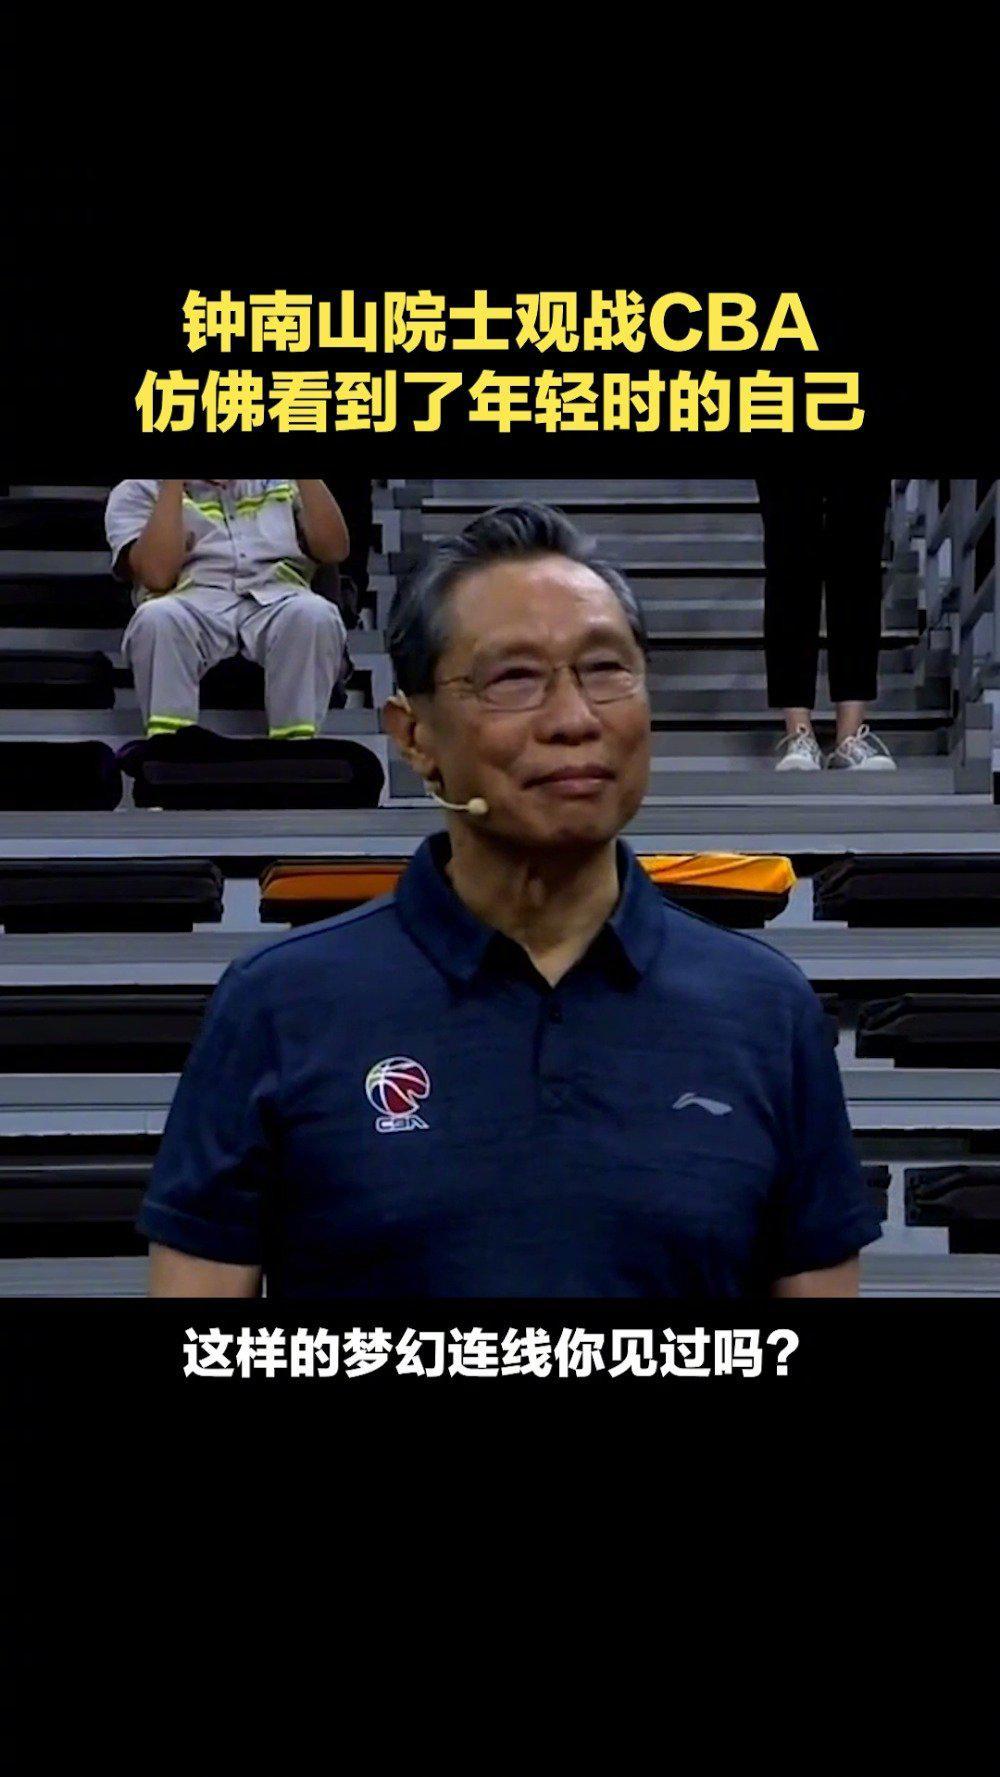 钟南山院士看着场上的球员,会不会想到年轻时的自己?